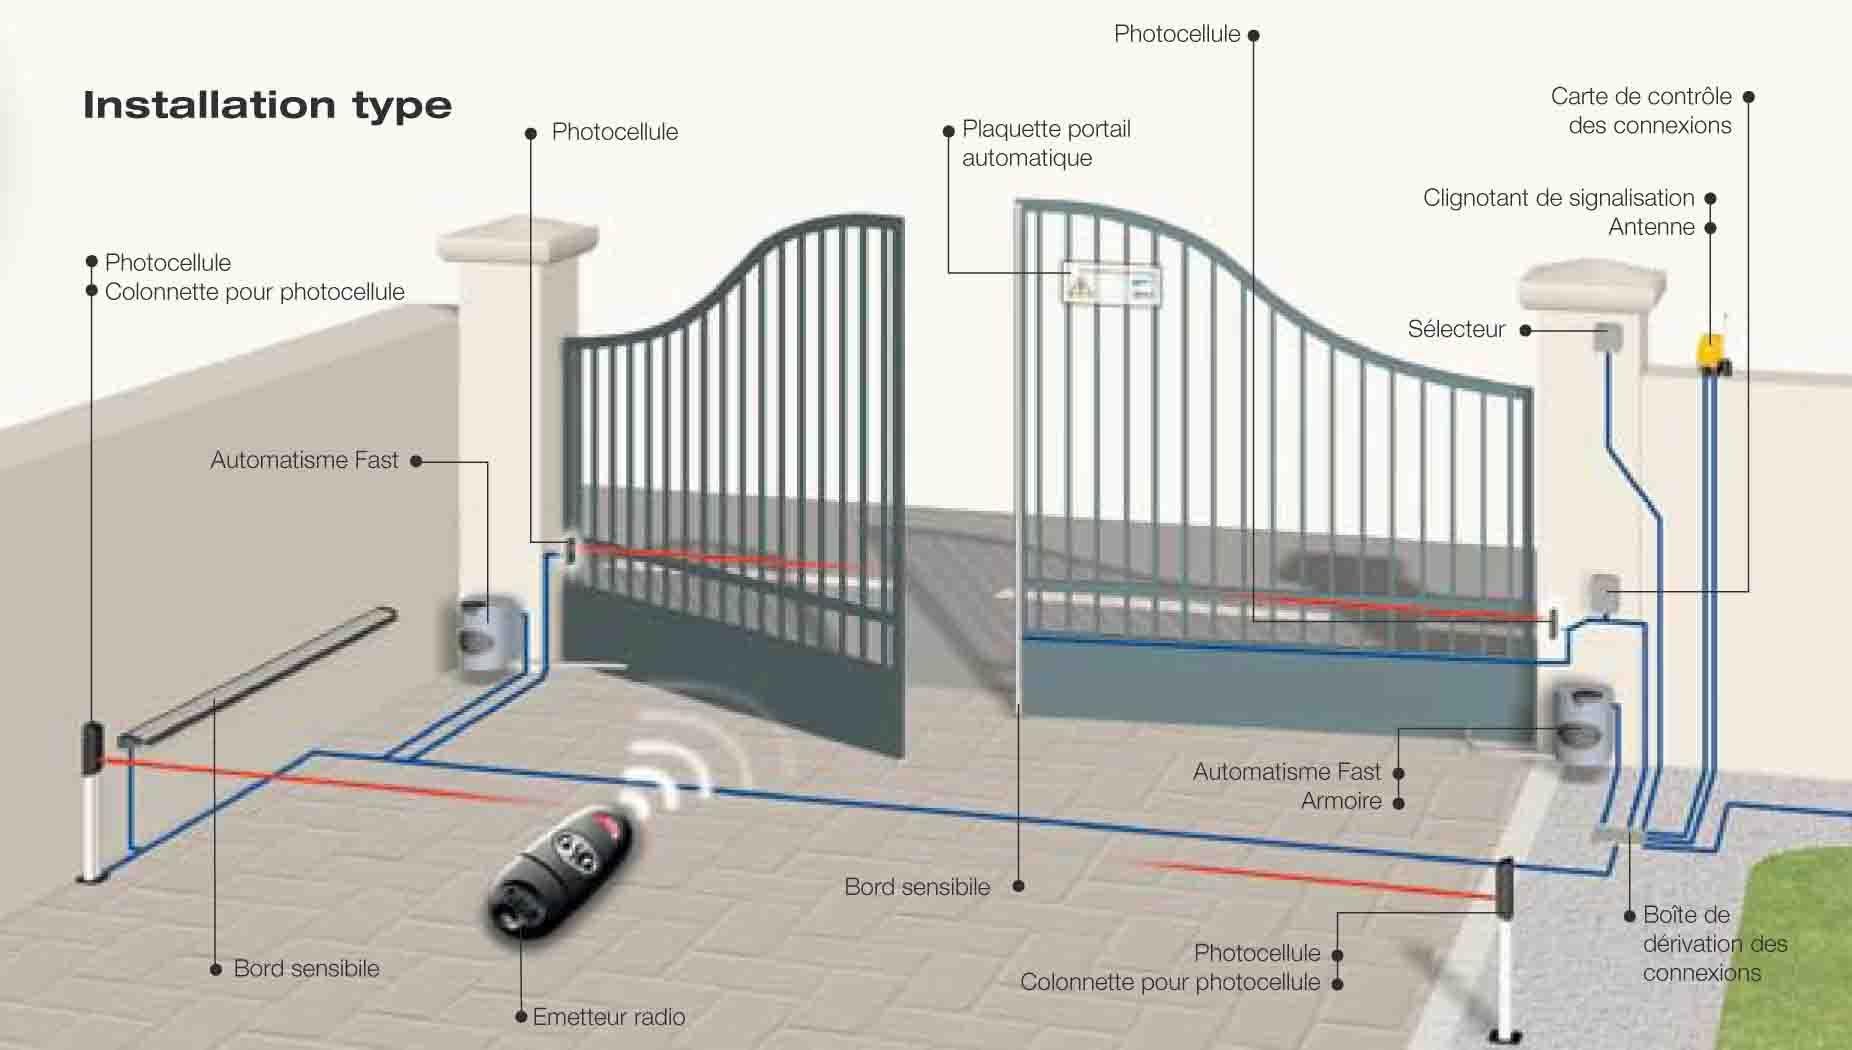 electricien lyon automatisme motorisation portail coulissant battant schema